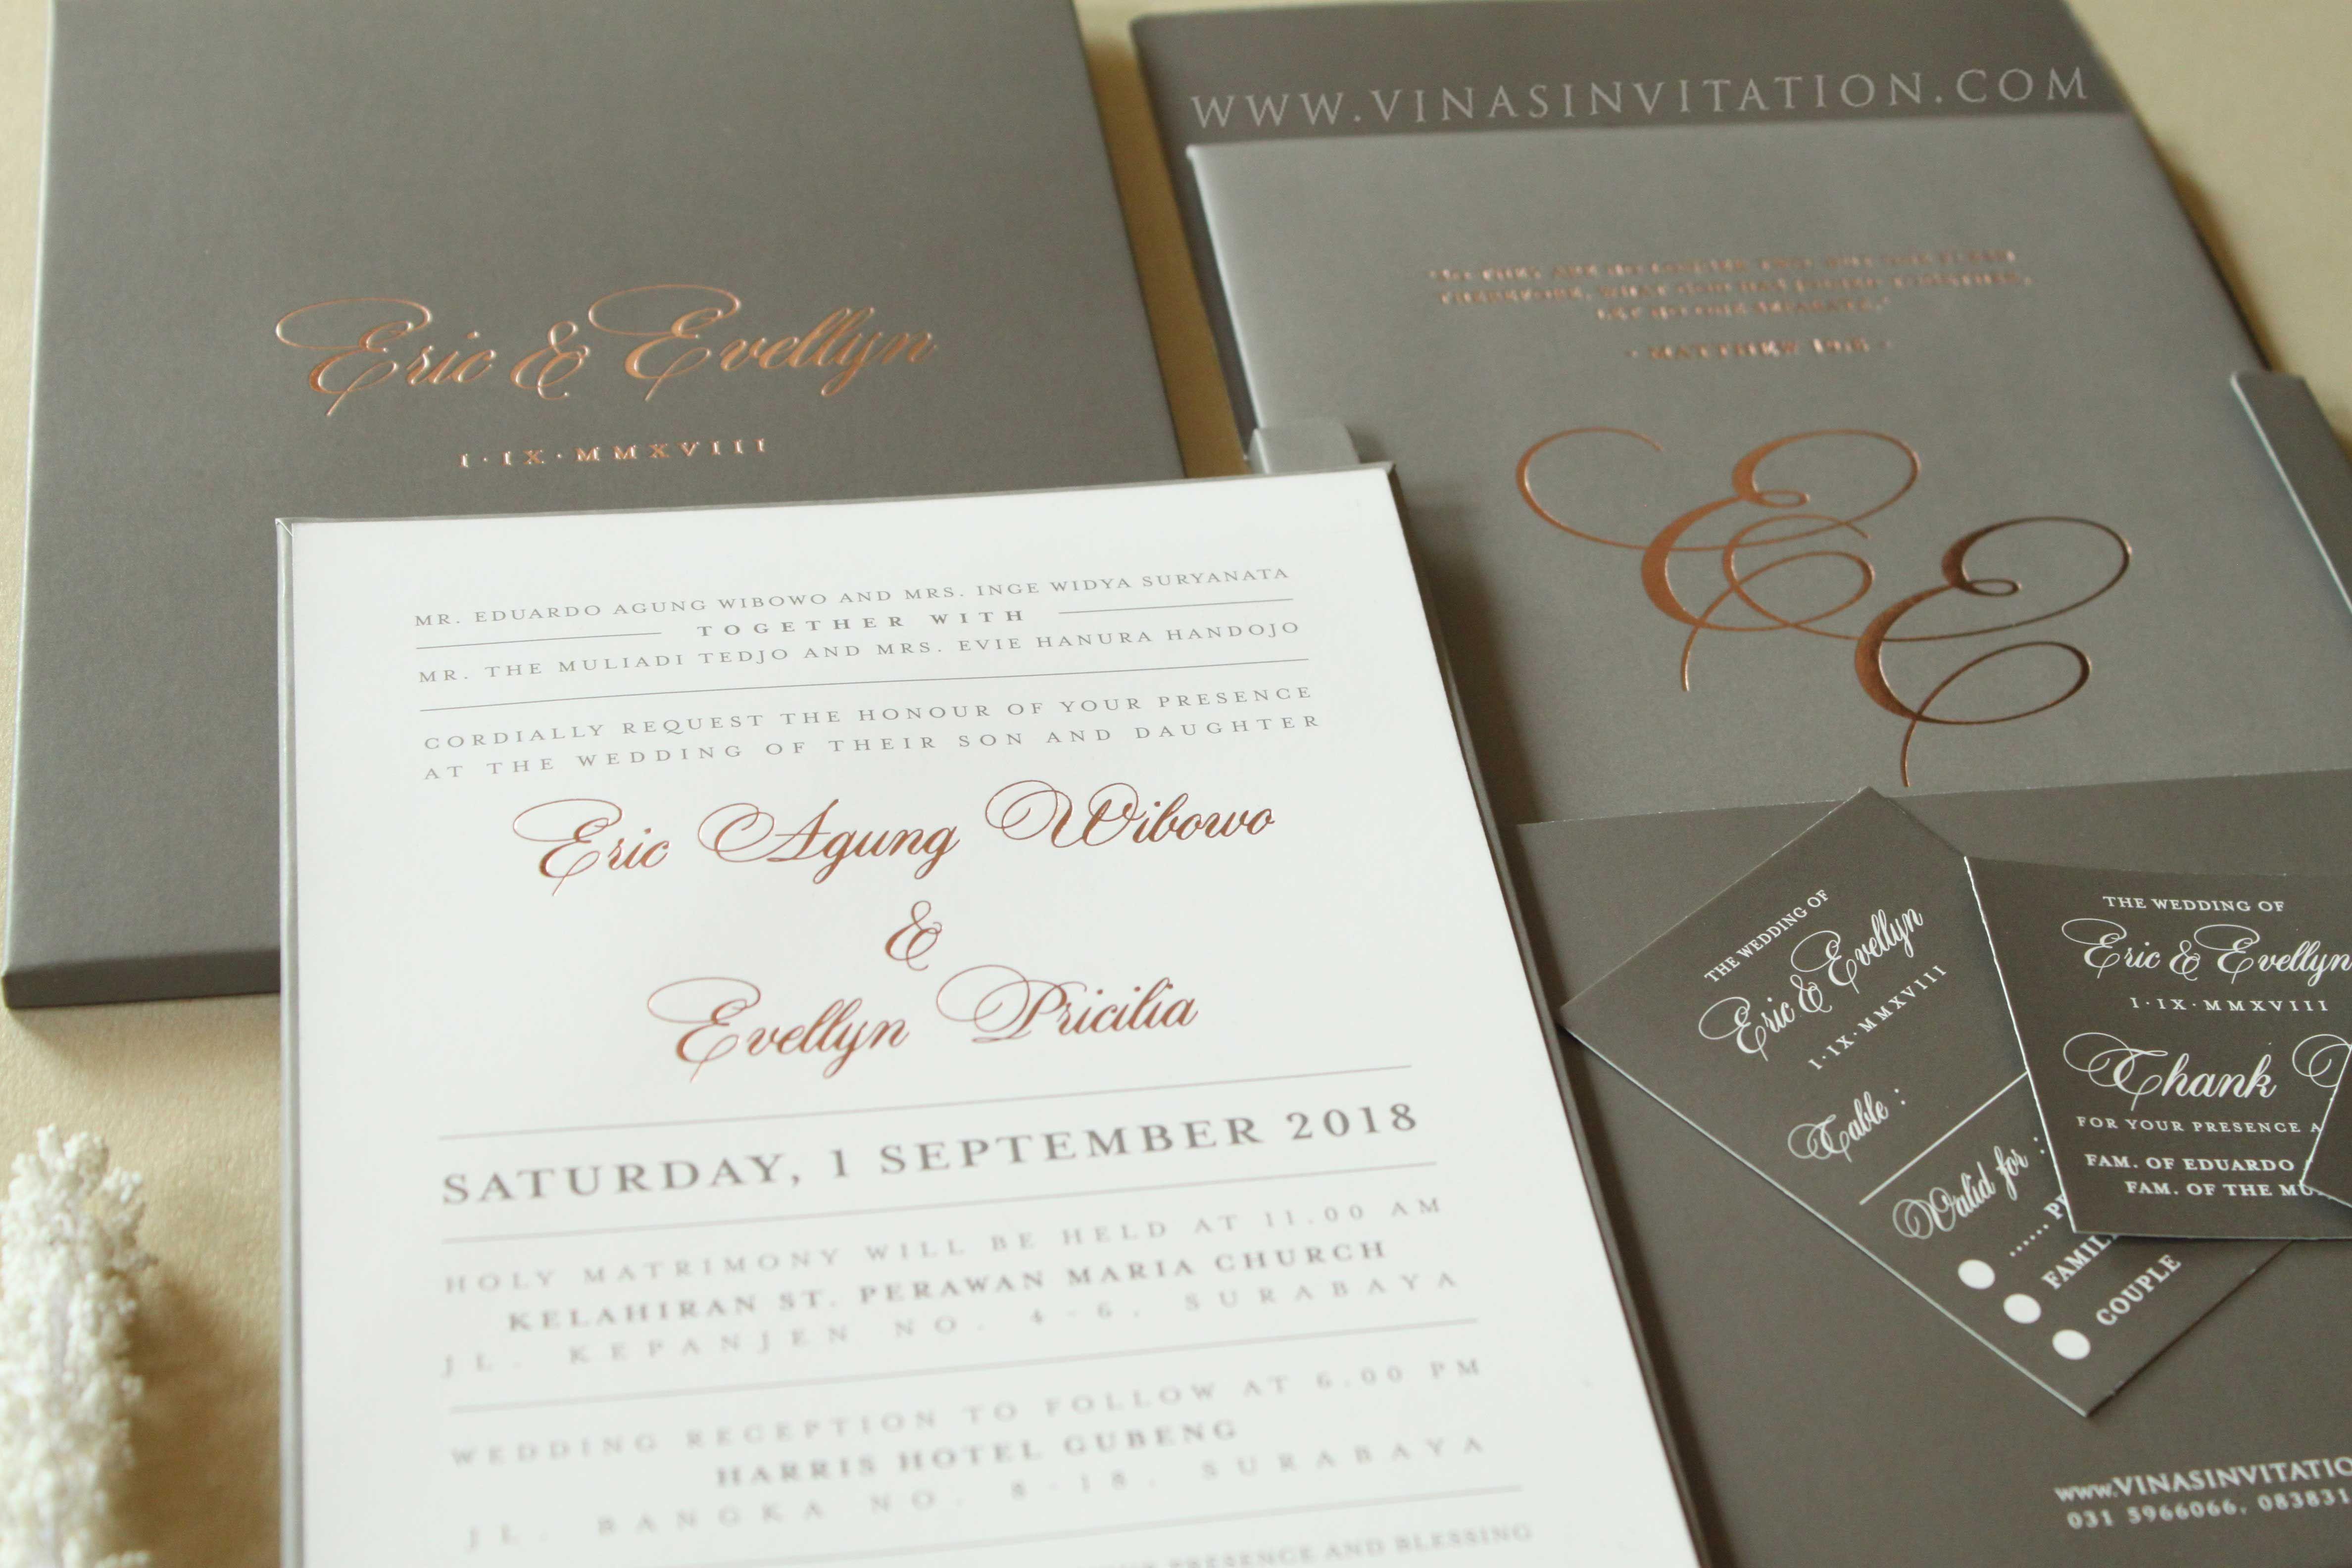 Vinas Invitation Simple Elegant Wedding Sydney